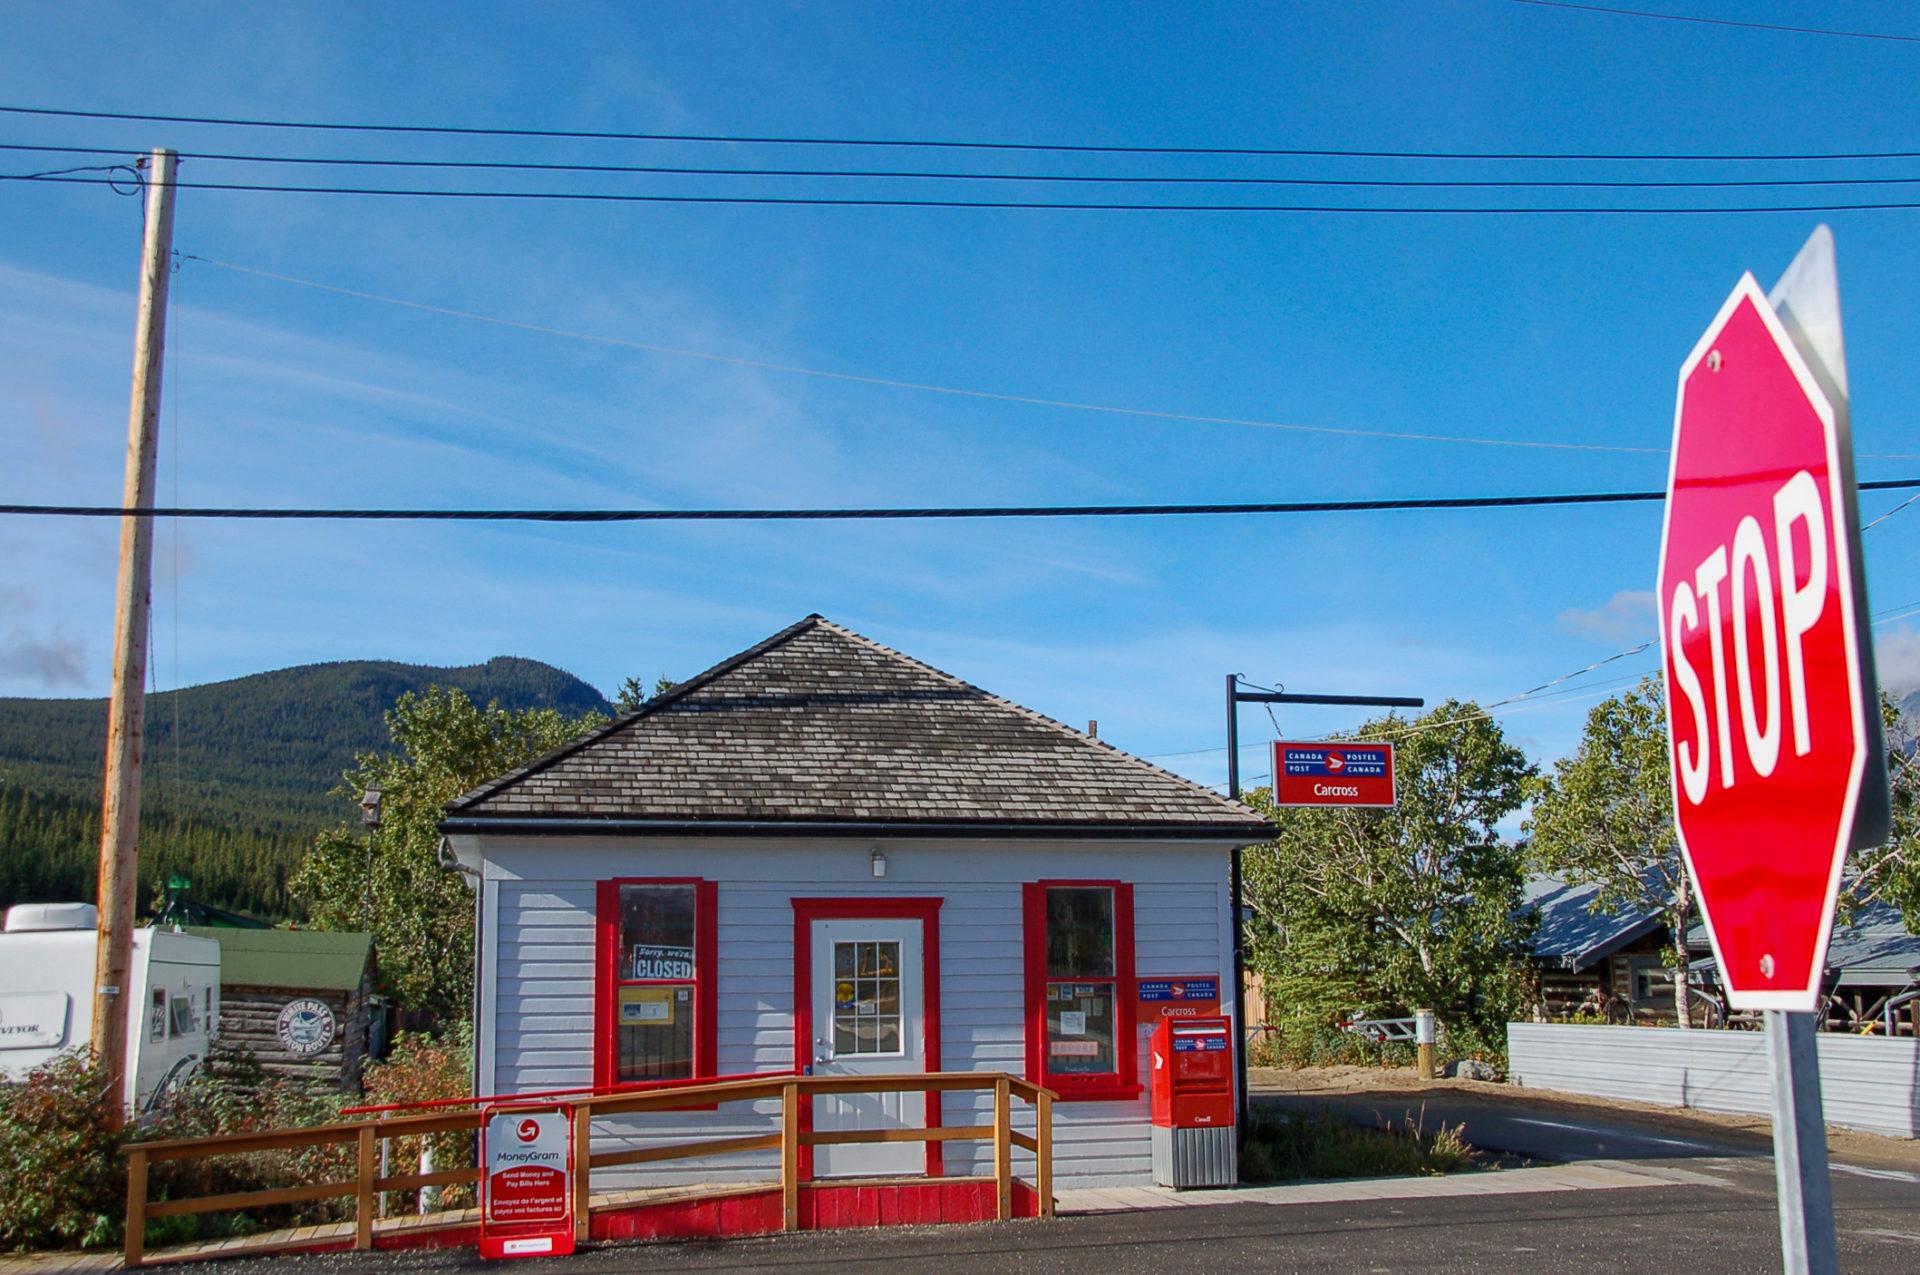 Postamt in Carcross Desert im kanadsichen Yukon mit roten Holzpanelen